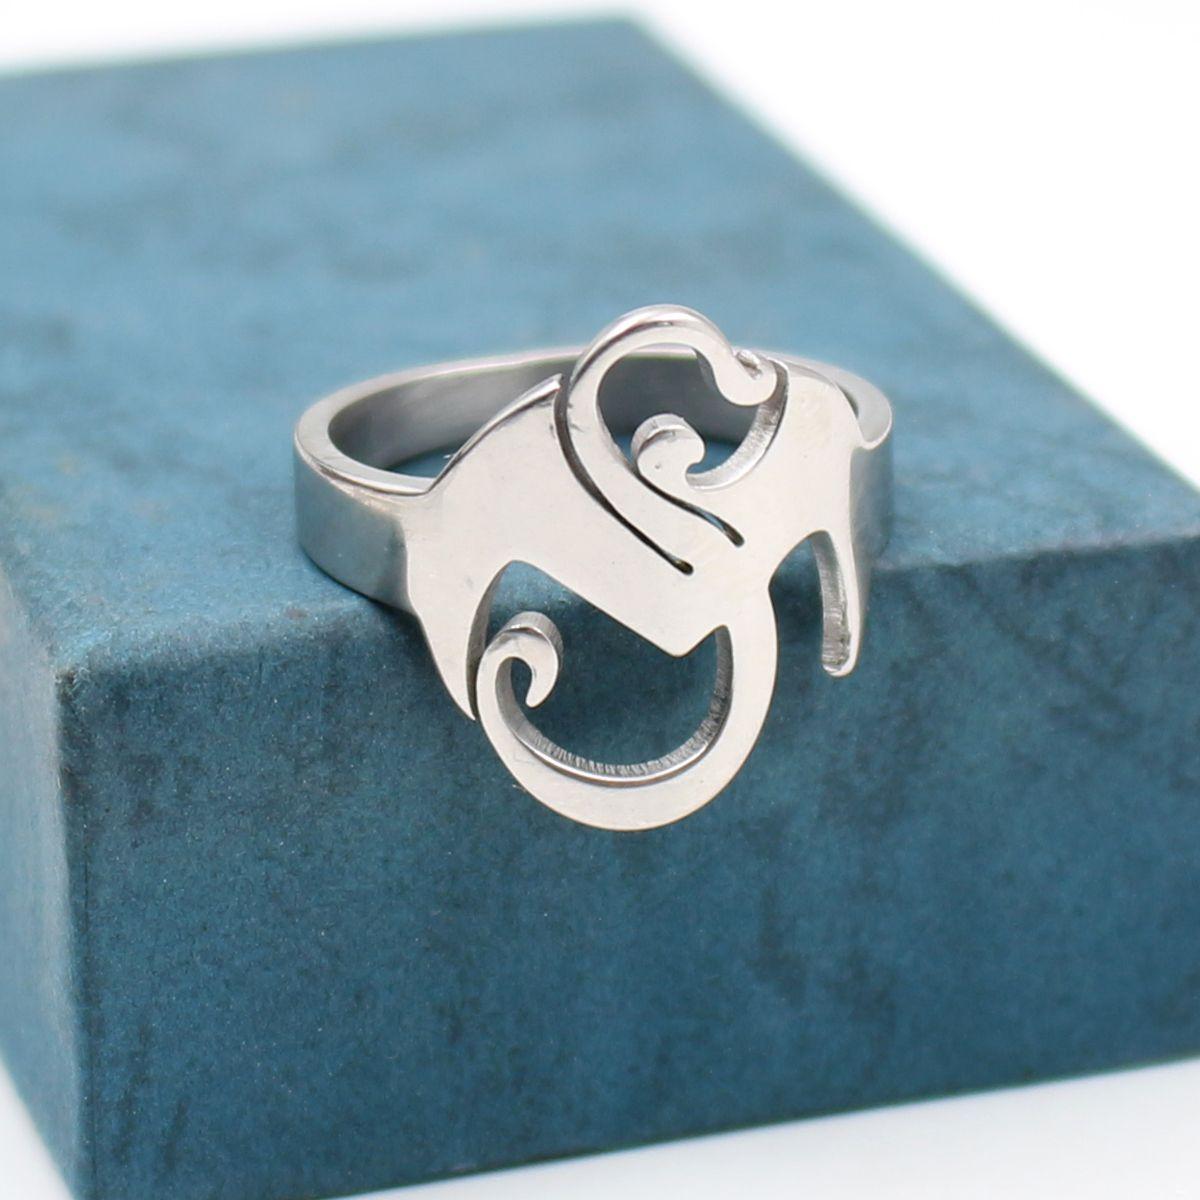 Tech N9ne ESTRANHO MÚSICA anel inoxidável setll charme prata TWIZTID Altamente polido